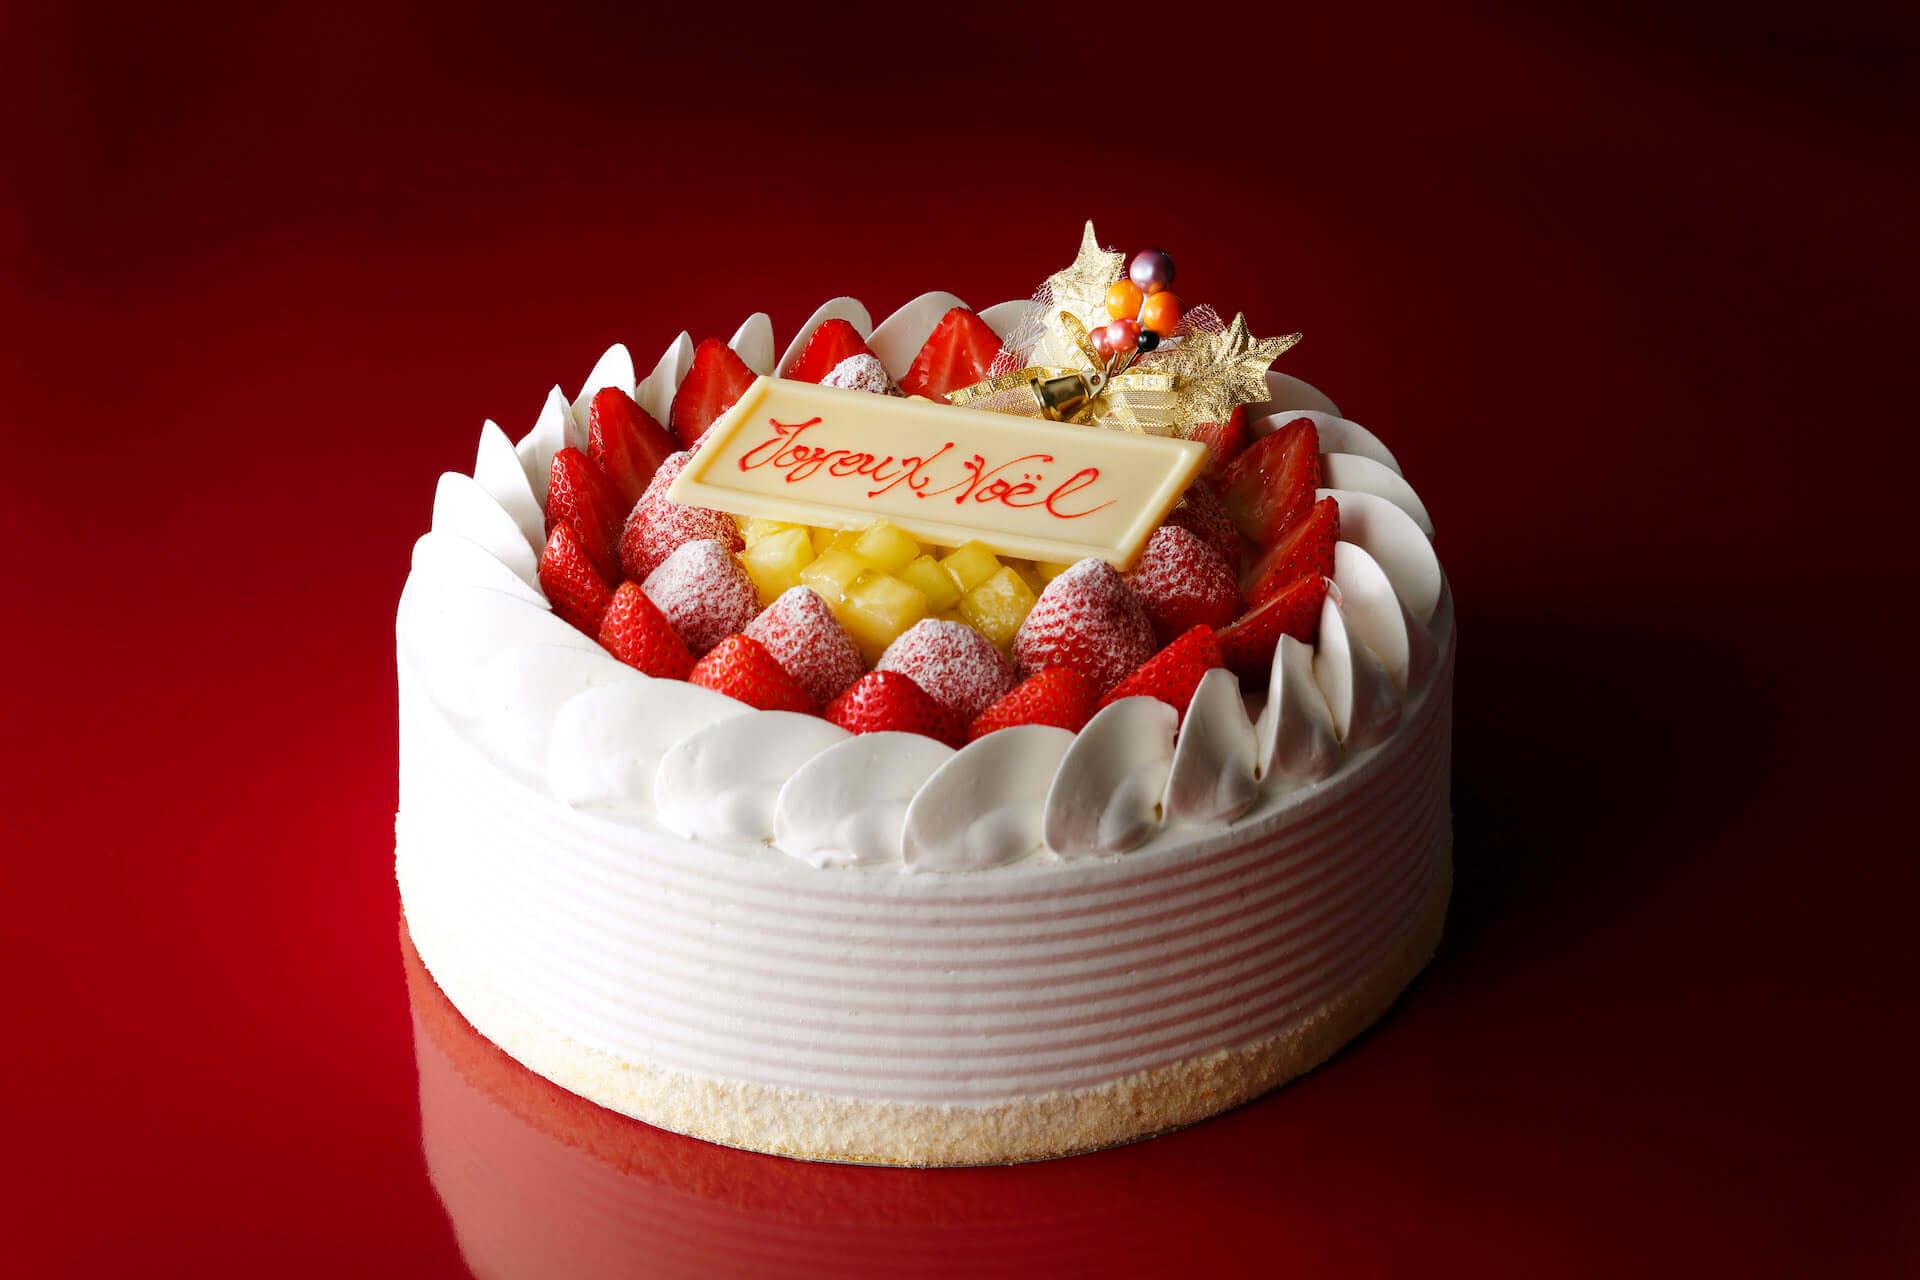 ホテルニューオータニ「パティスリーSATSUKI」にてクリスマスケーキの予約販売がスタート!『スーパーオペラ』『クリスマスタワー』など続々登場 gourmet201005_newotani_7-1920x1280